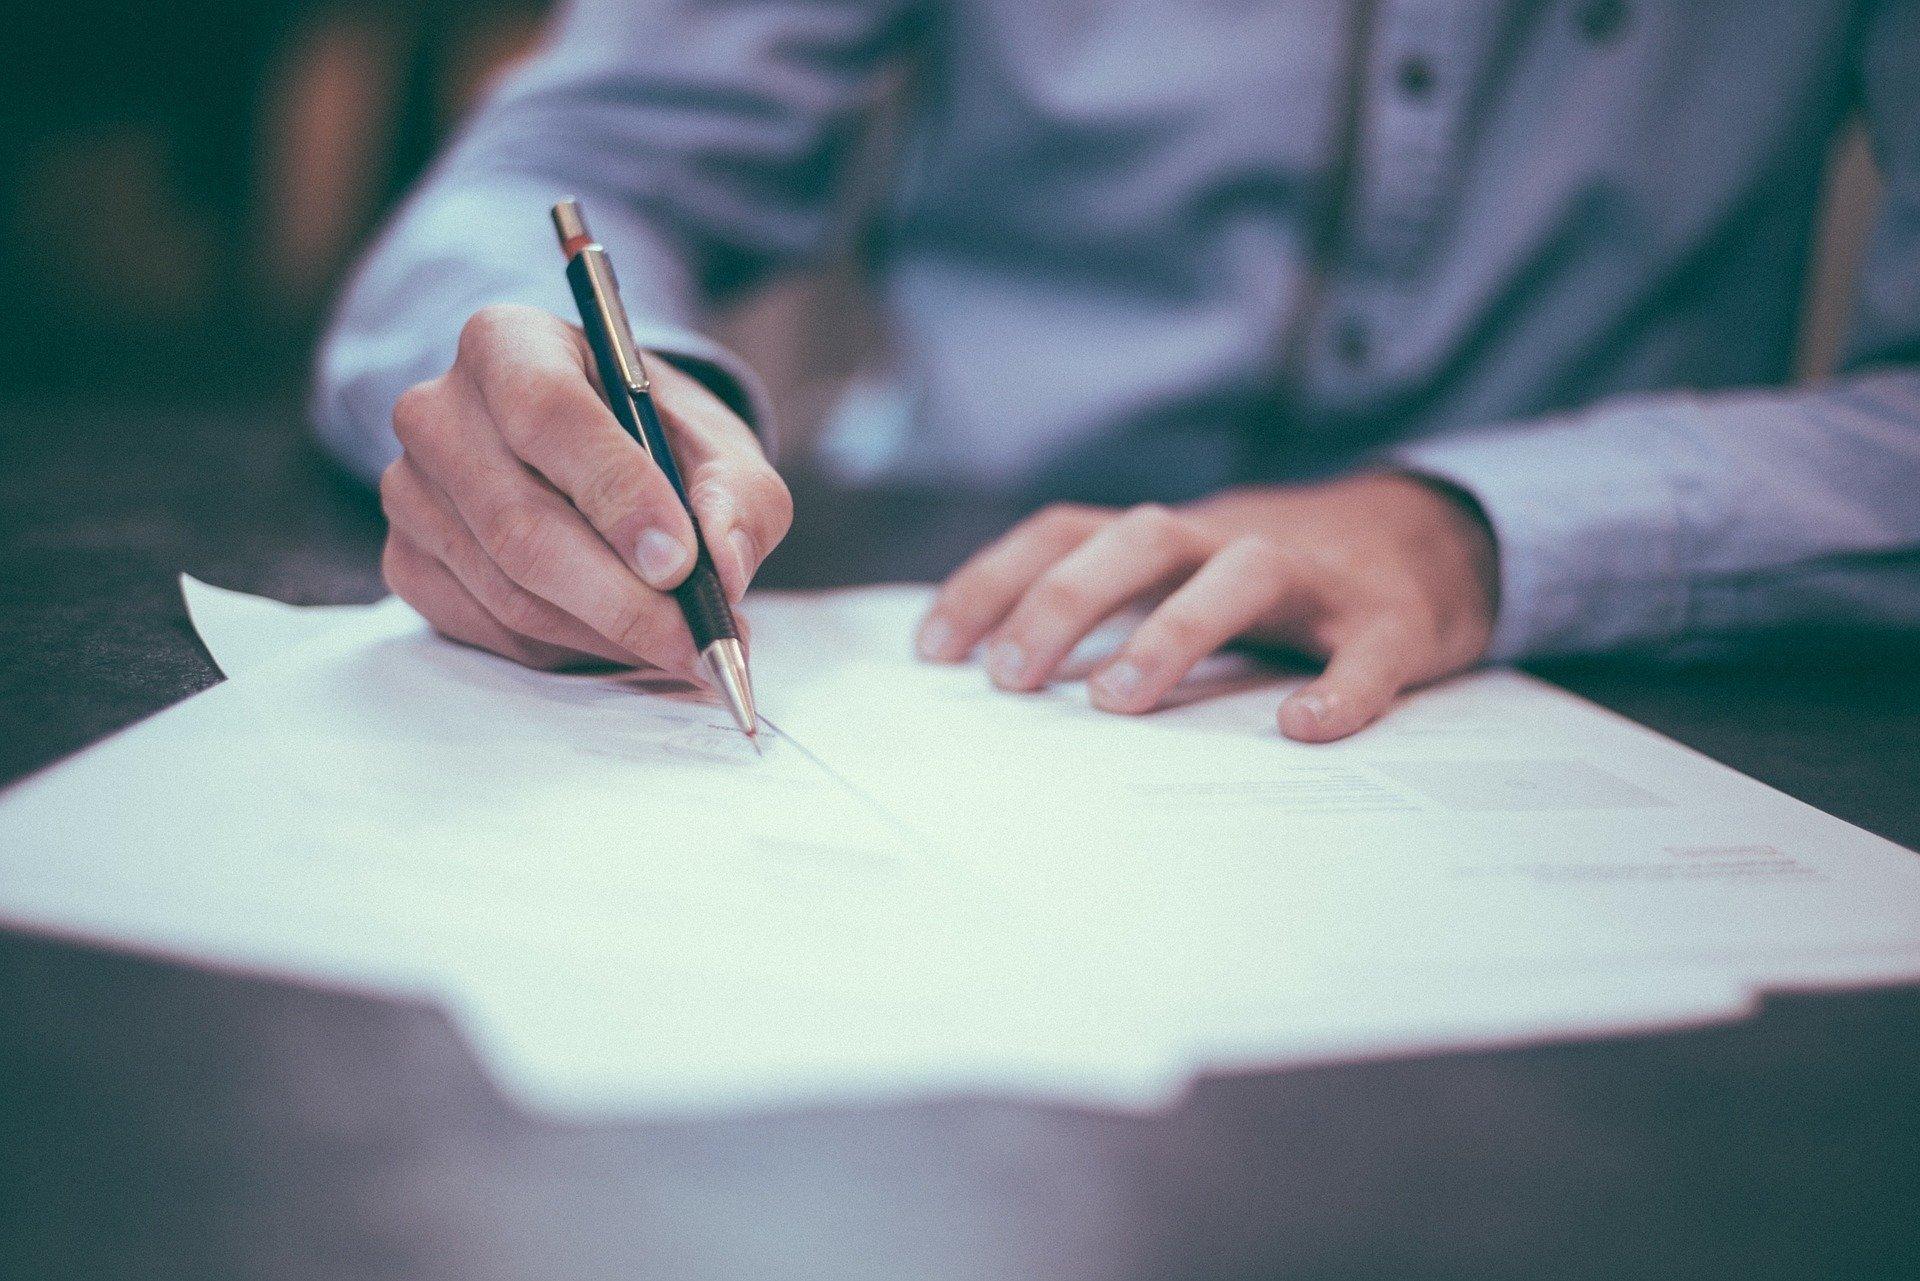 Налог на недвижимость: штрафы за просрочку